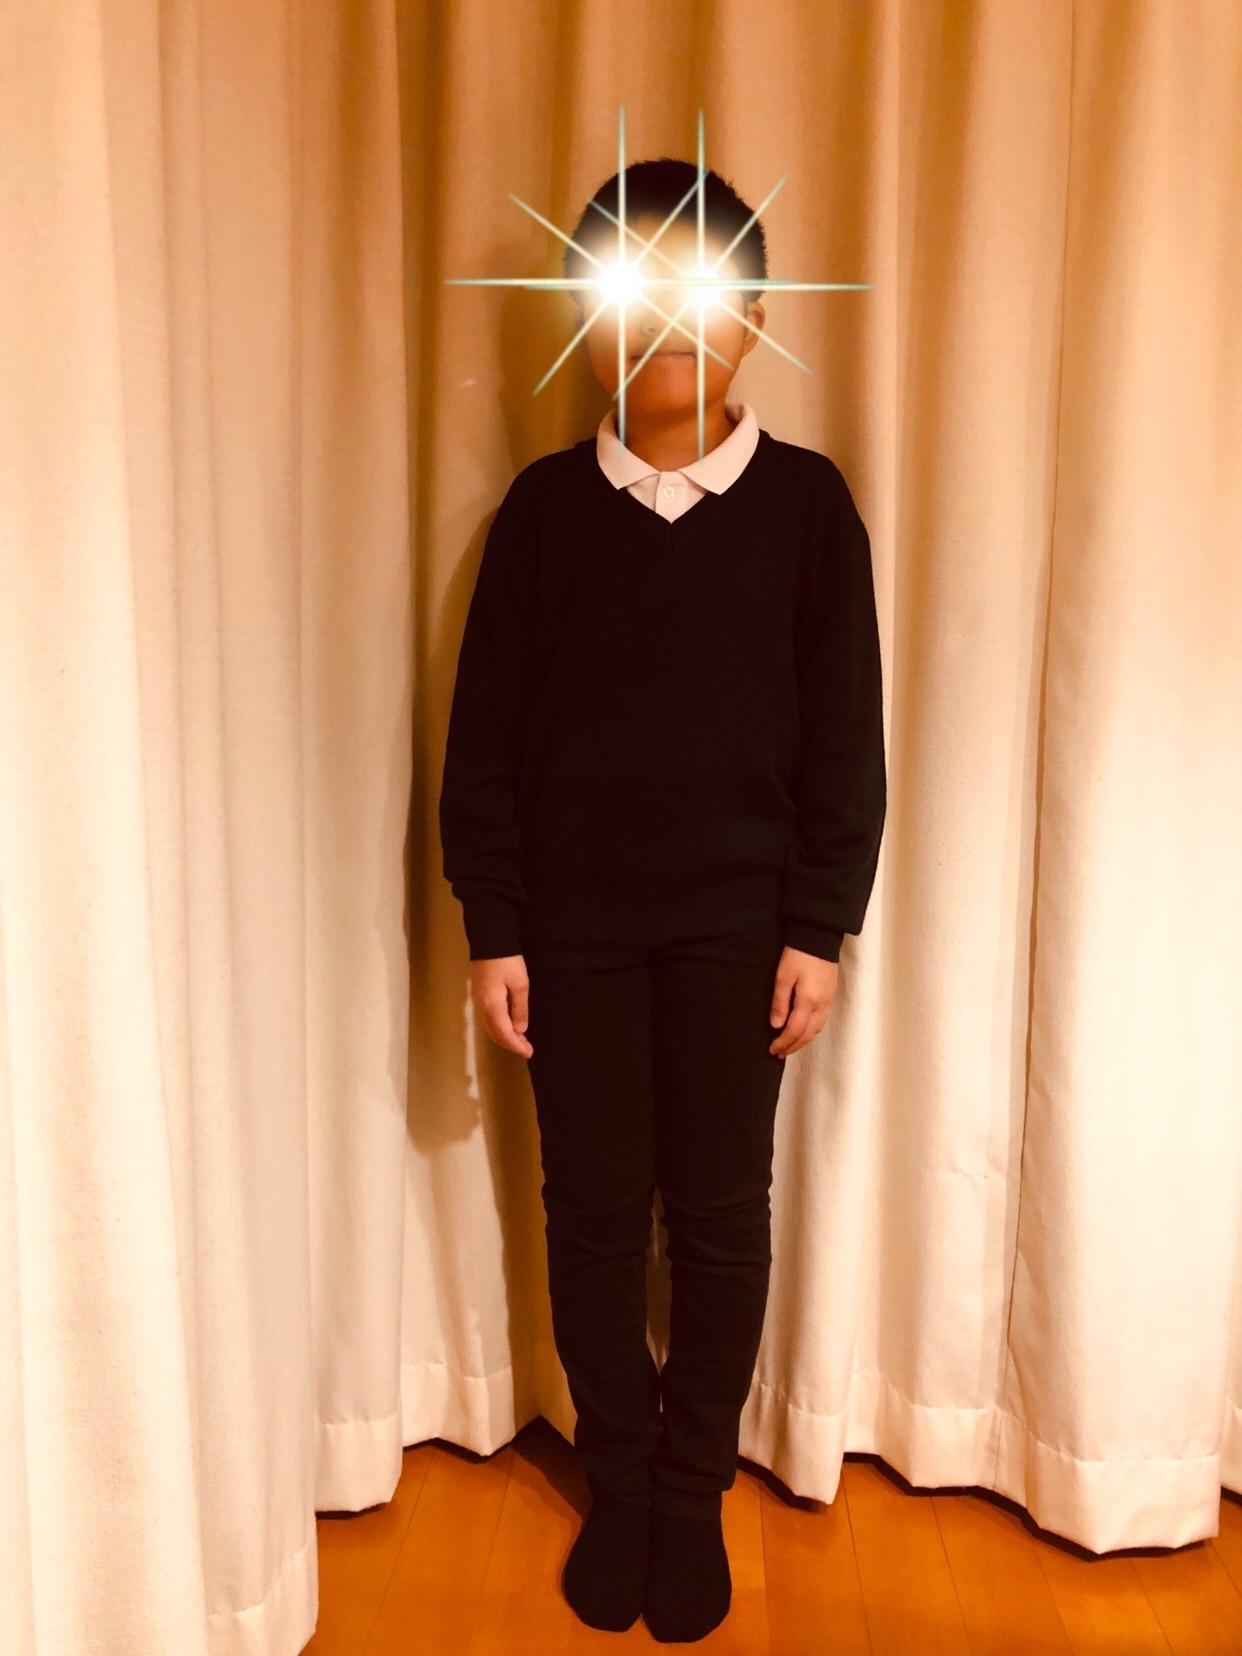 f:id:allergy_nagasakikko:20181208074729j:image